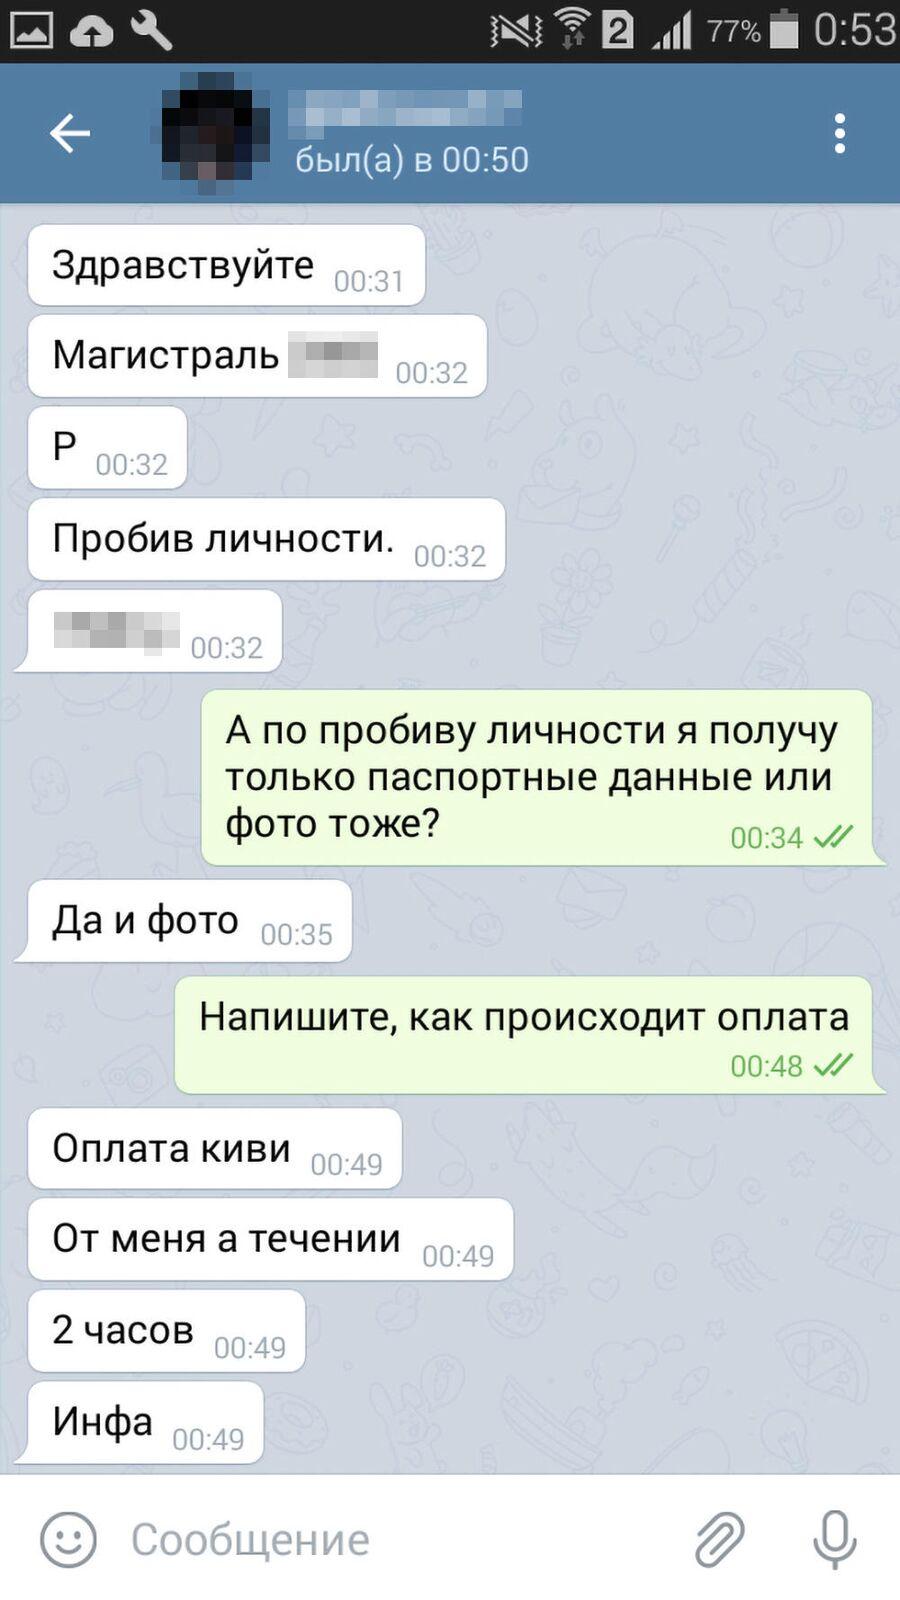 Скриншот беседы с пробивщиком